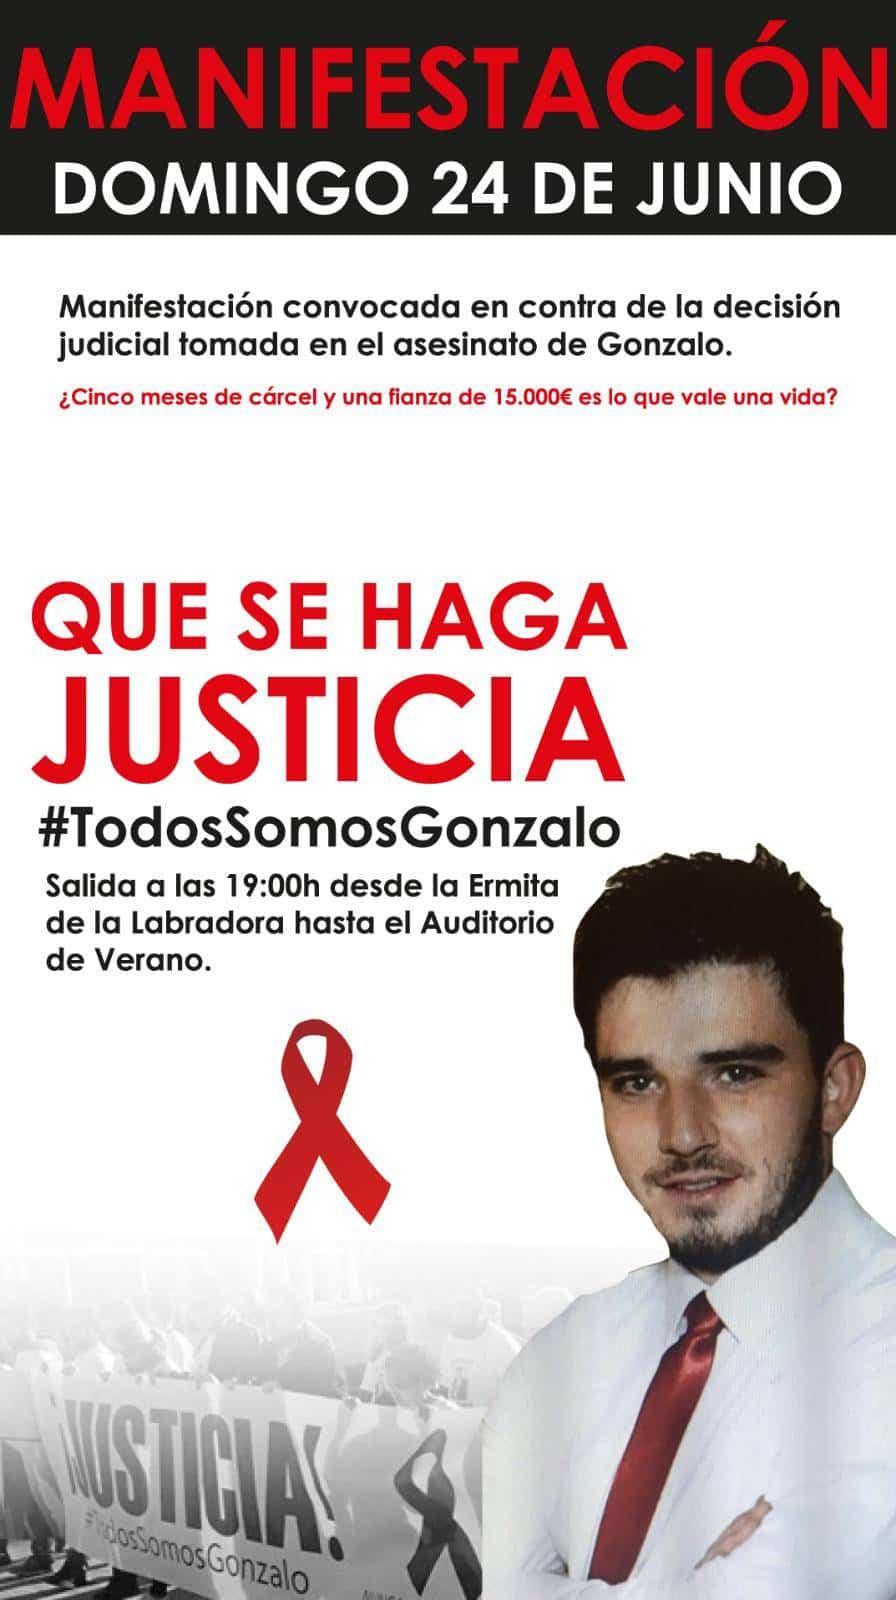 manifestacion 24 junio gonzalo herencia - Herencia volverá a manifestarse reclamando justicia tras la muerte de Gonzalo Buján